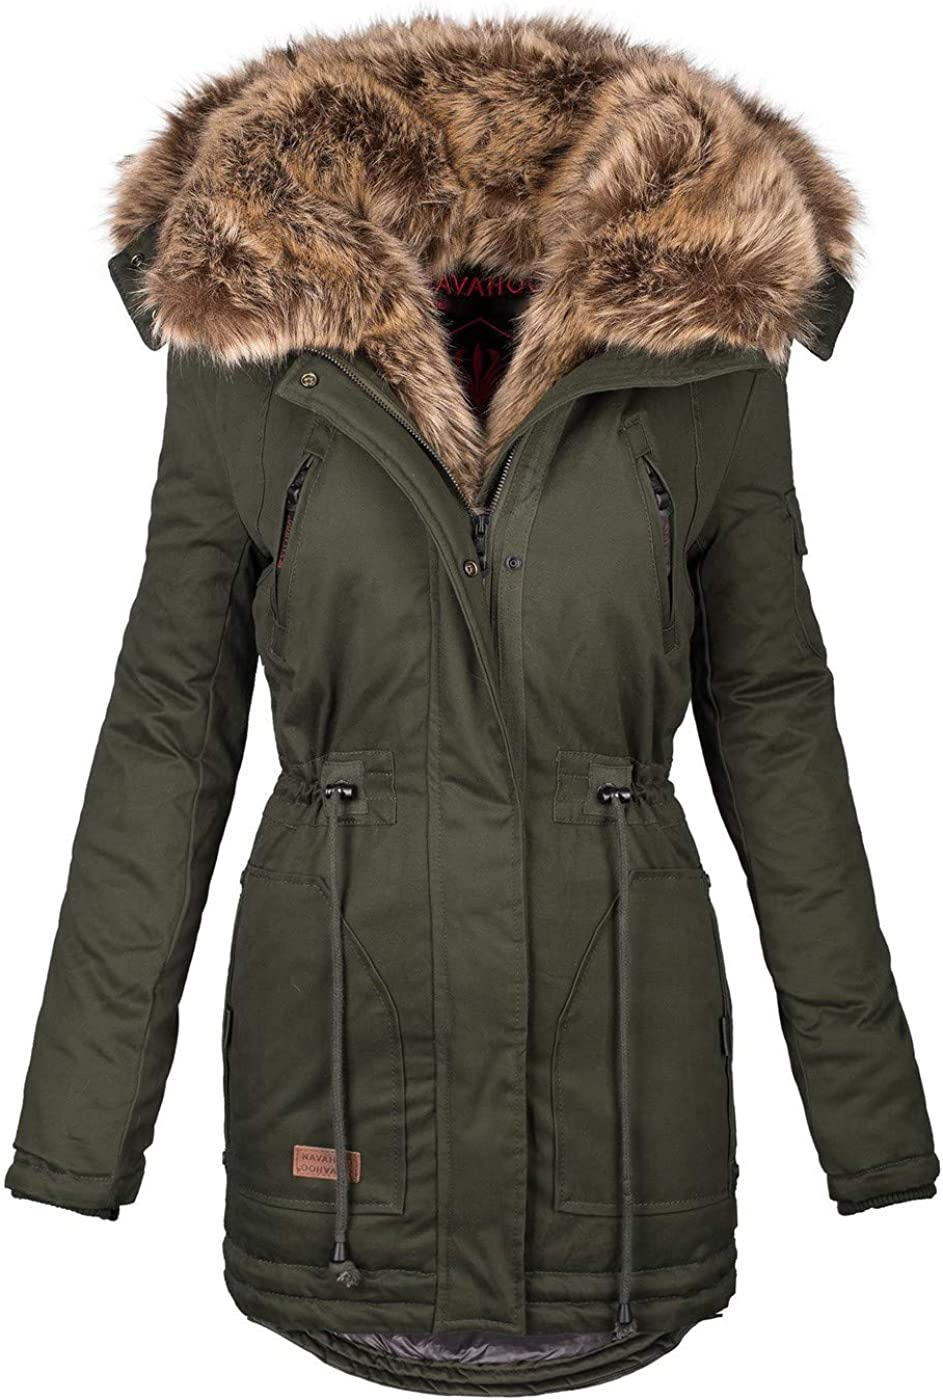 Navahoo Damen Winter Jacke Mantel Parka warm gef/ütterte Winterjacke B383